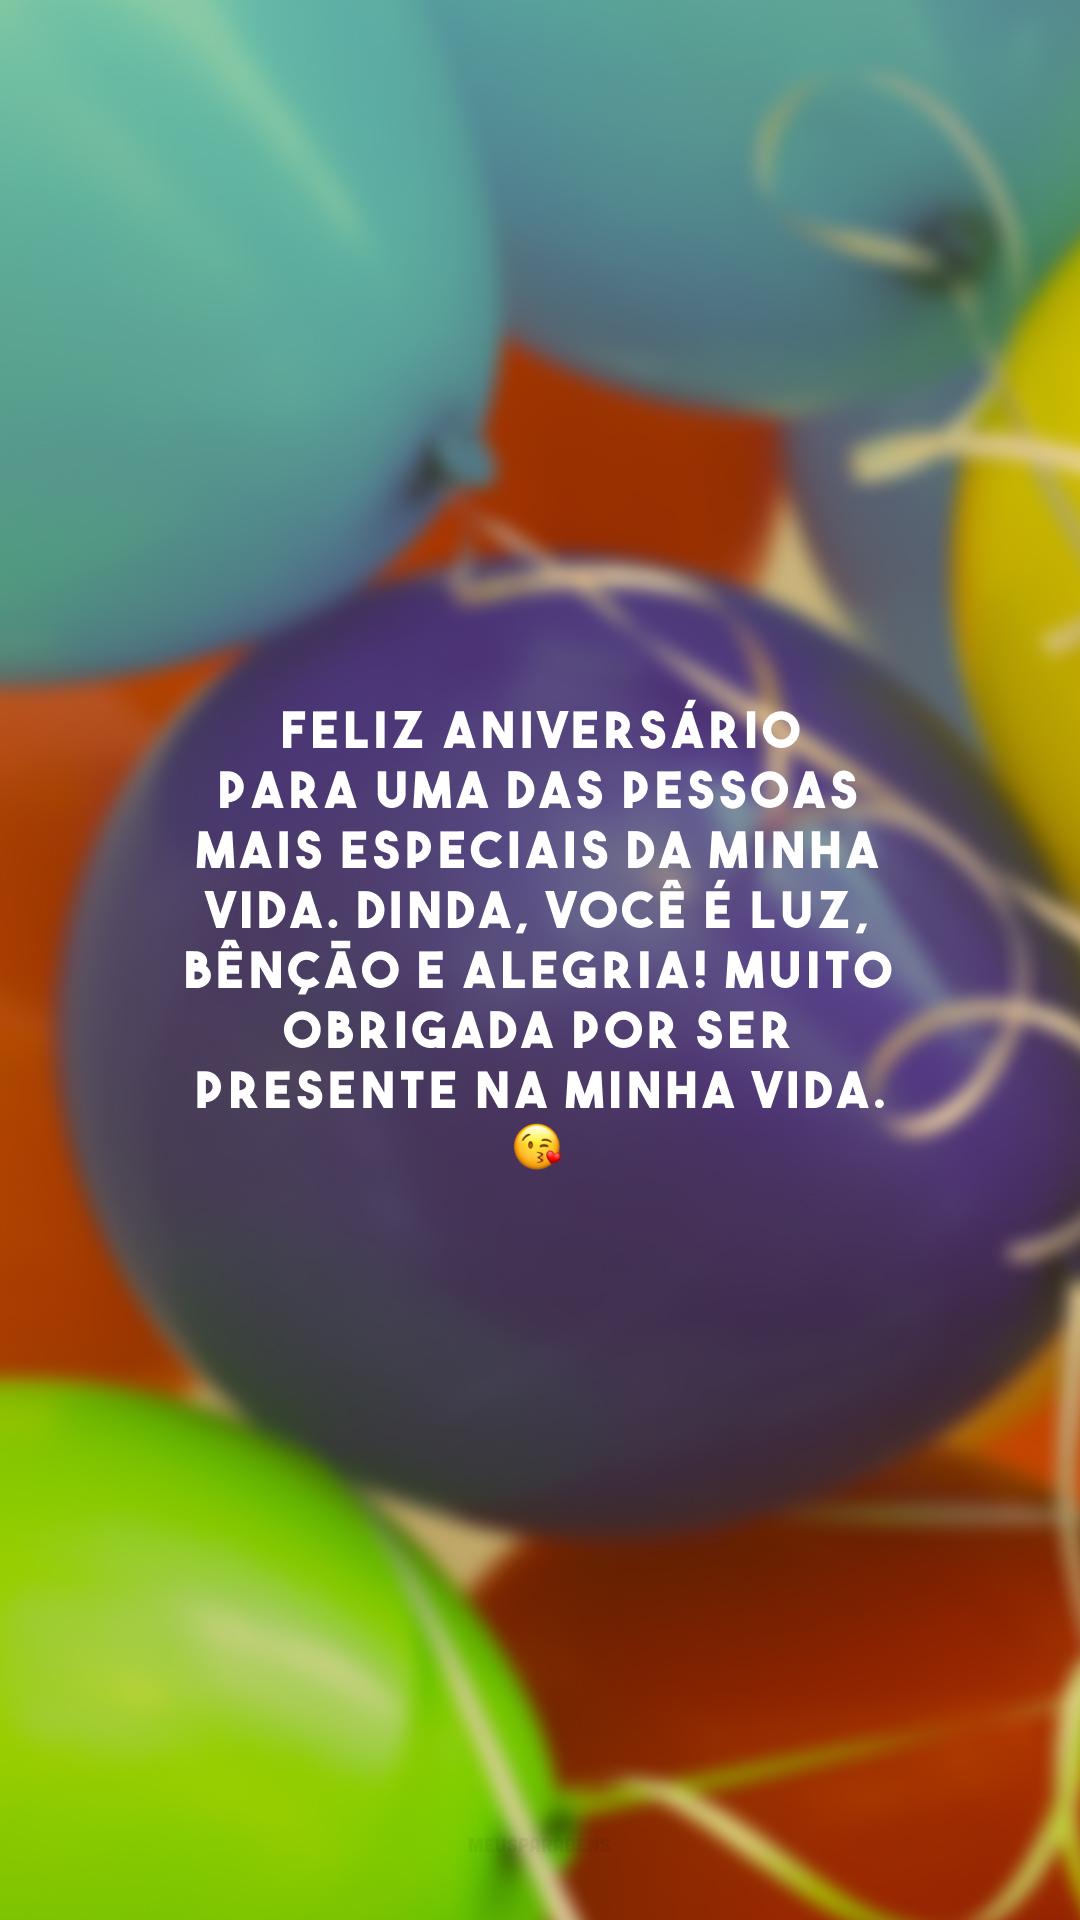 Feliz aniversário para uma das pessoas mais especiais da minha vida. Dinda, você é luz, bênção e alegria! Muito obrigada por ser presente na minha vida. 😘